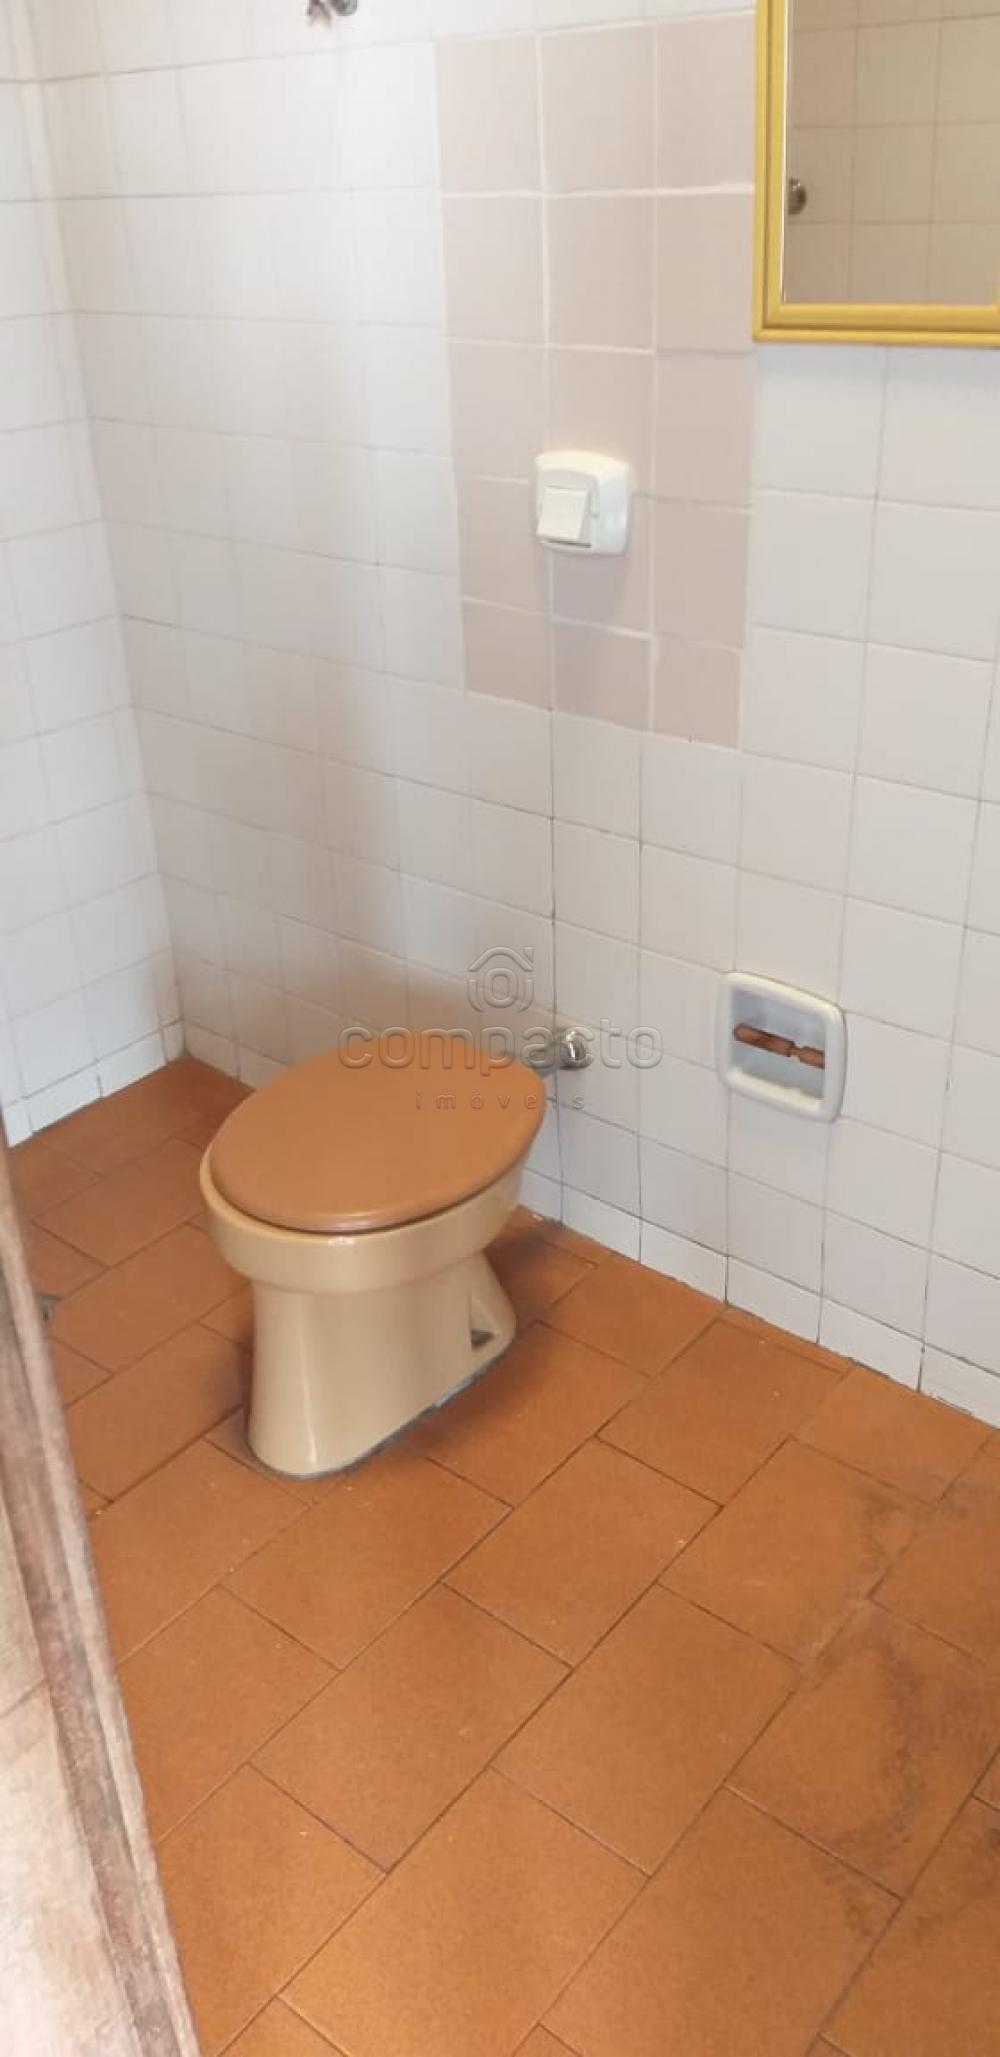 Alugar Comercial / Prédio em São José do Rio Preto apenas R$ 7.000,00 - Foto 30